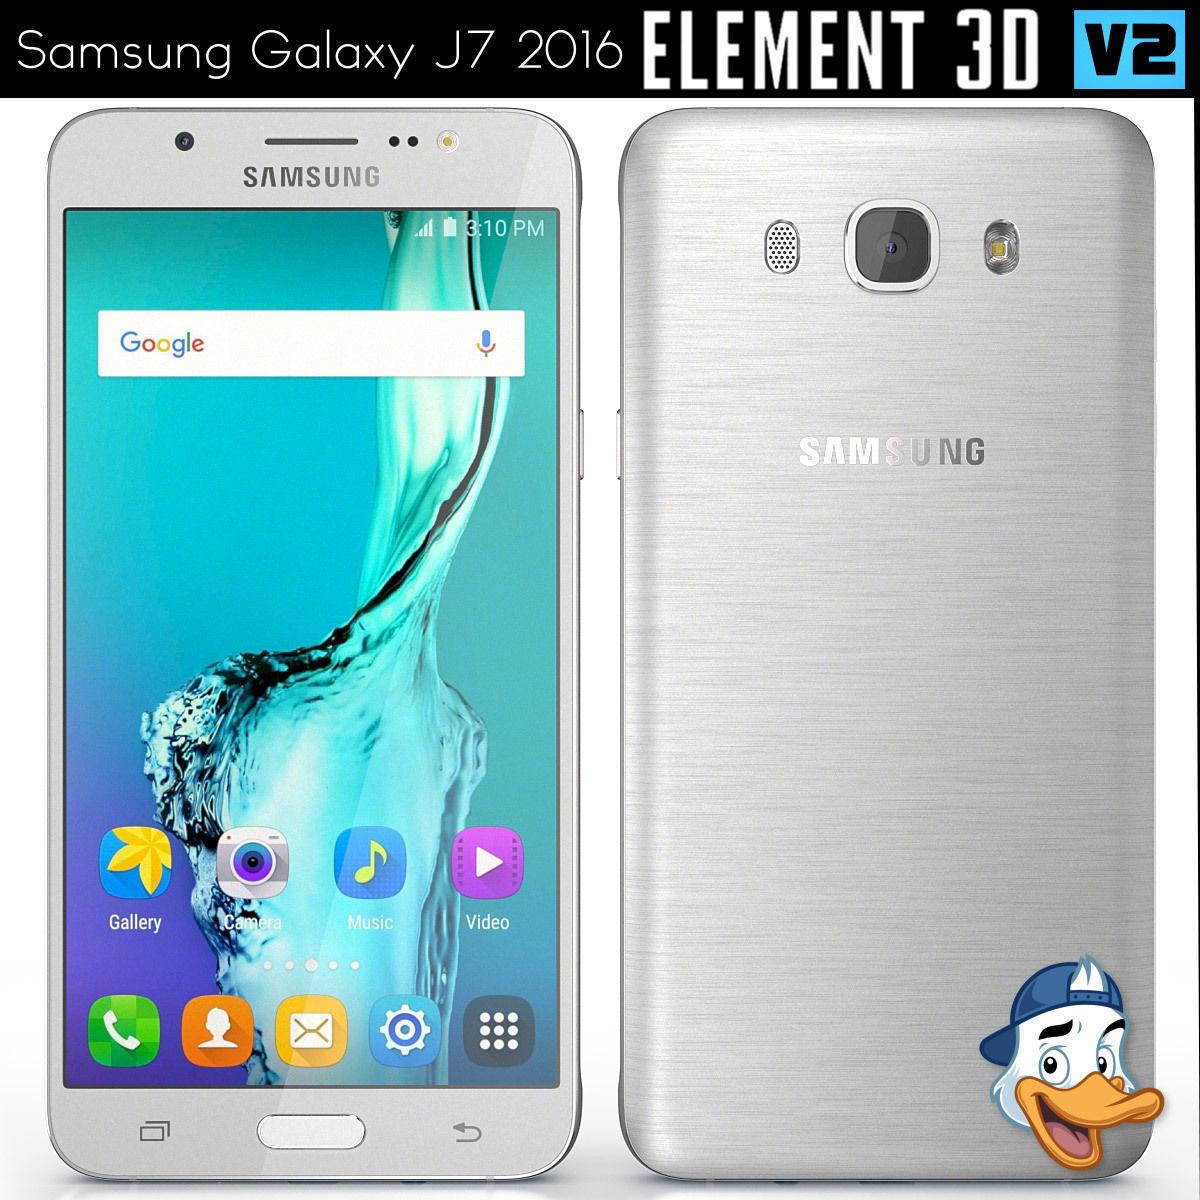 Samsung galaxy j7 2016 for element 3d 3d model obj c4d mtl 1